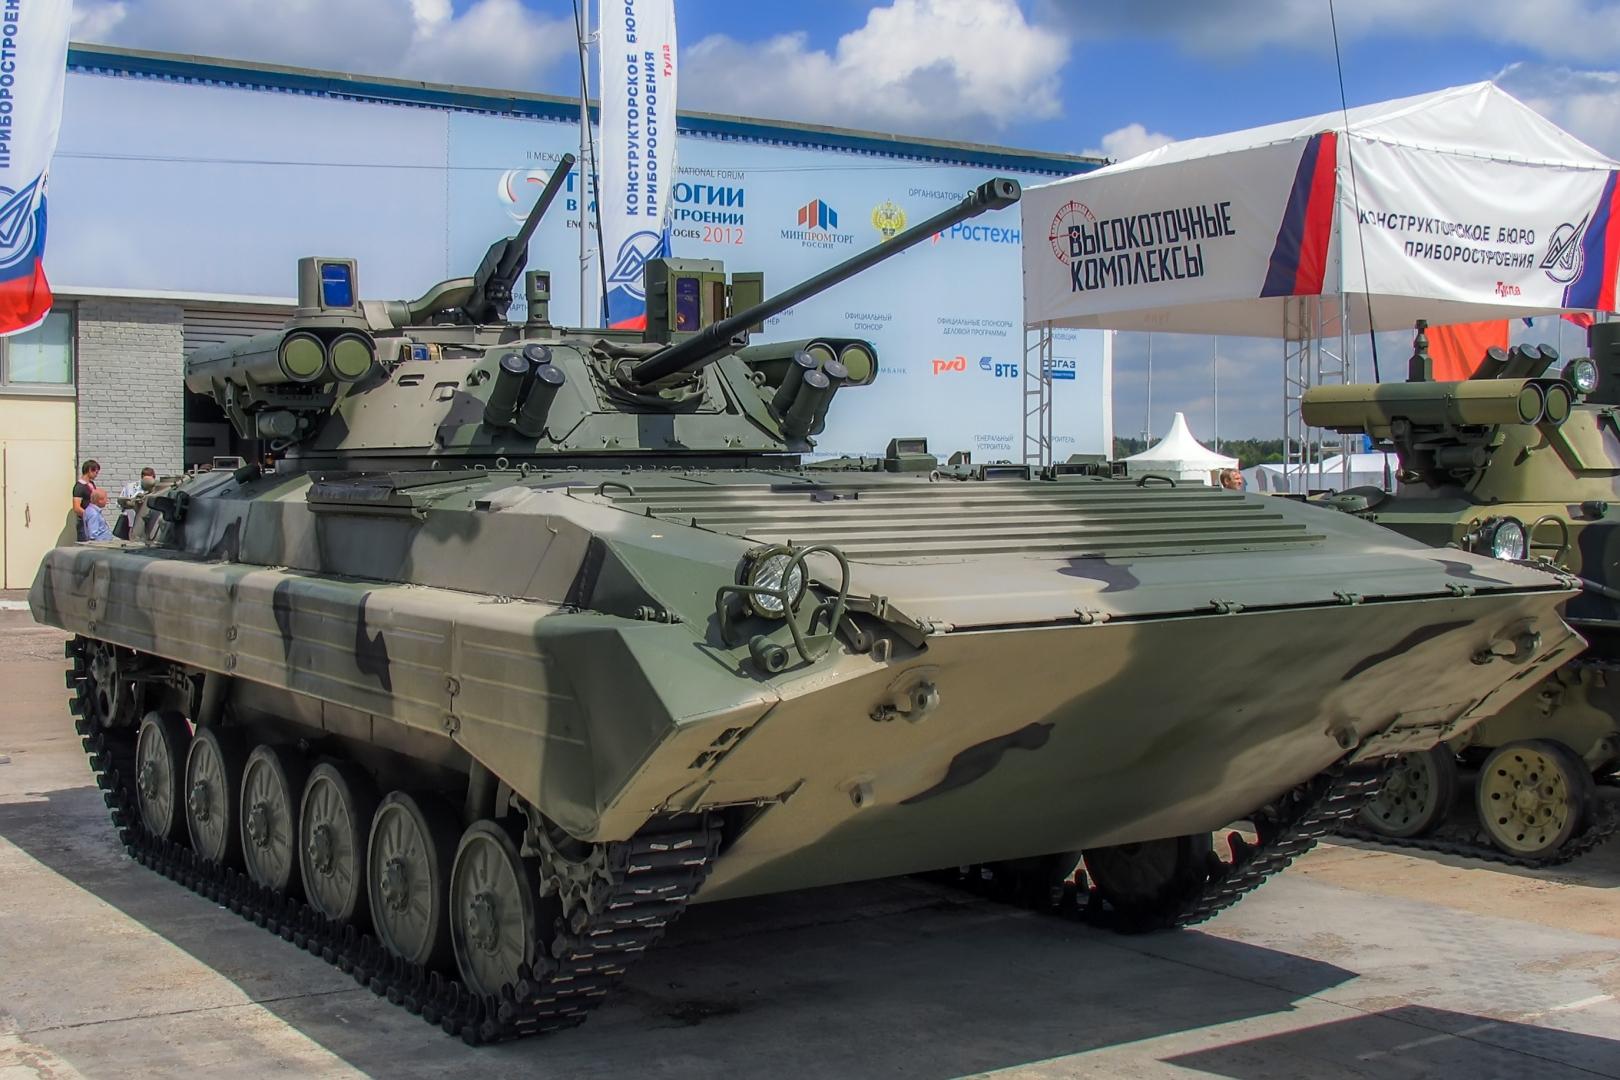 На форуме «Армия-2020» представили БМП-2М